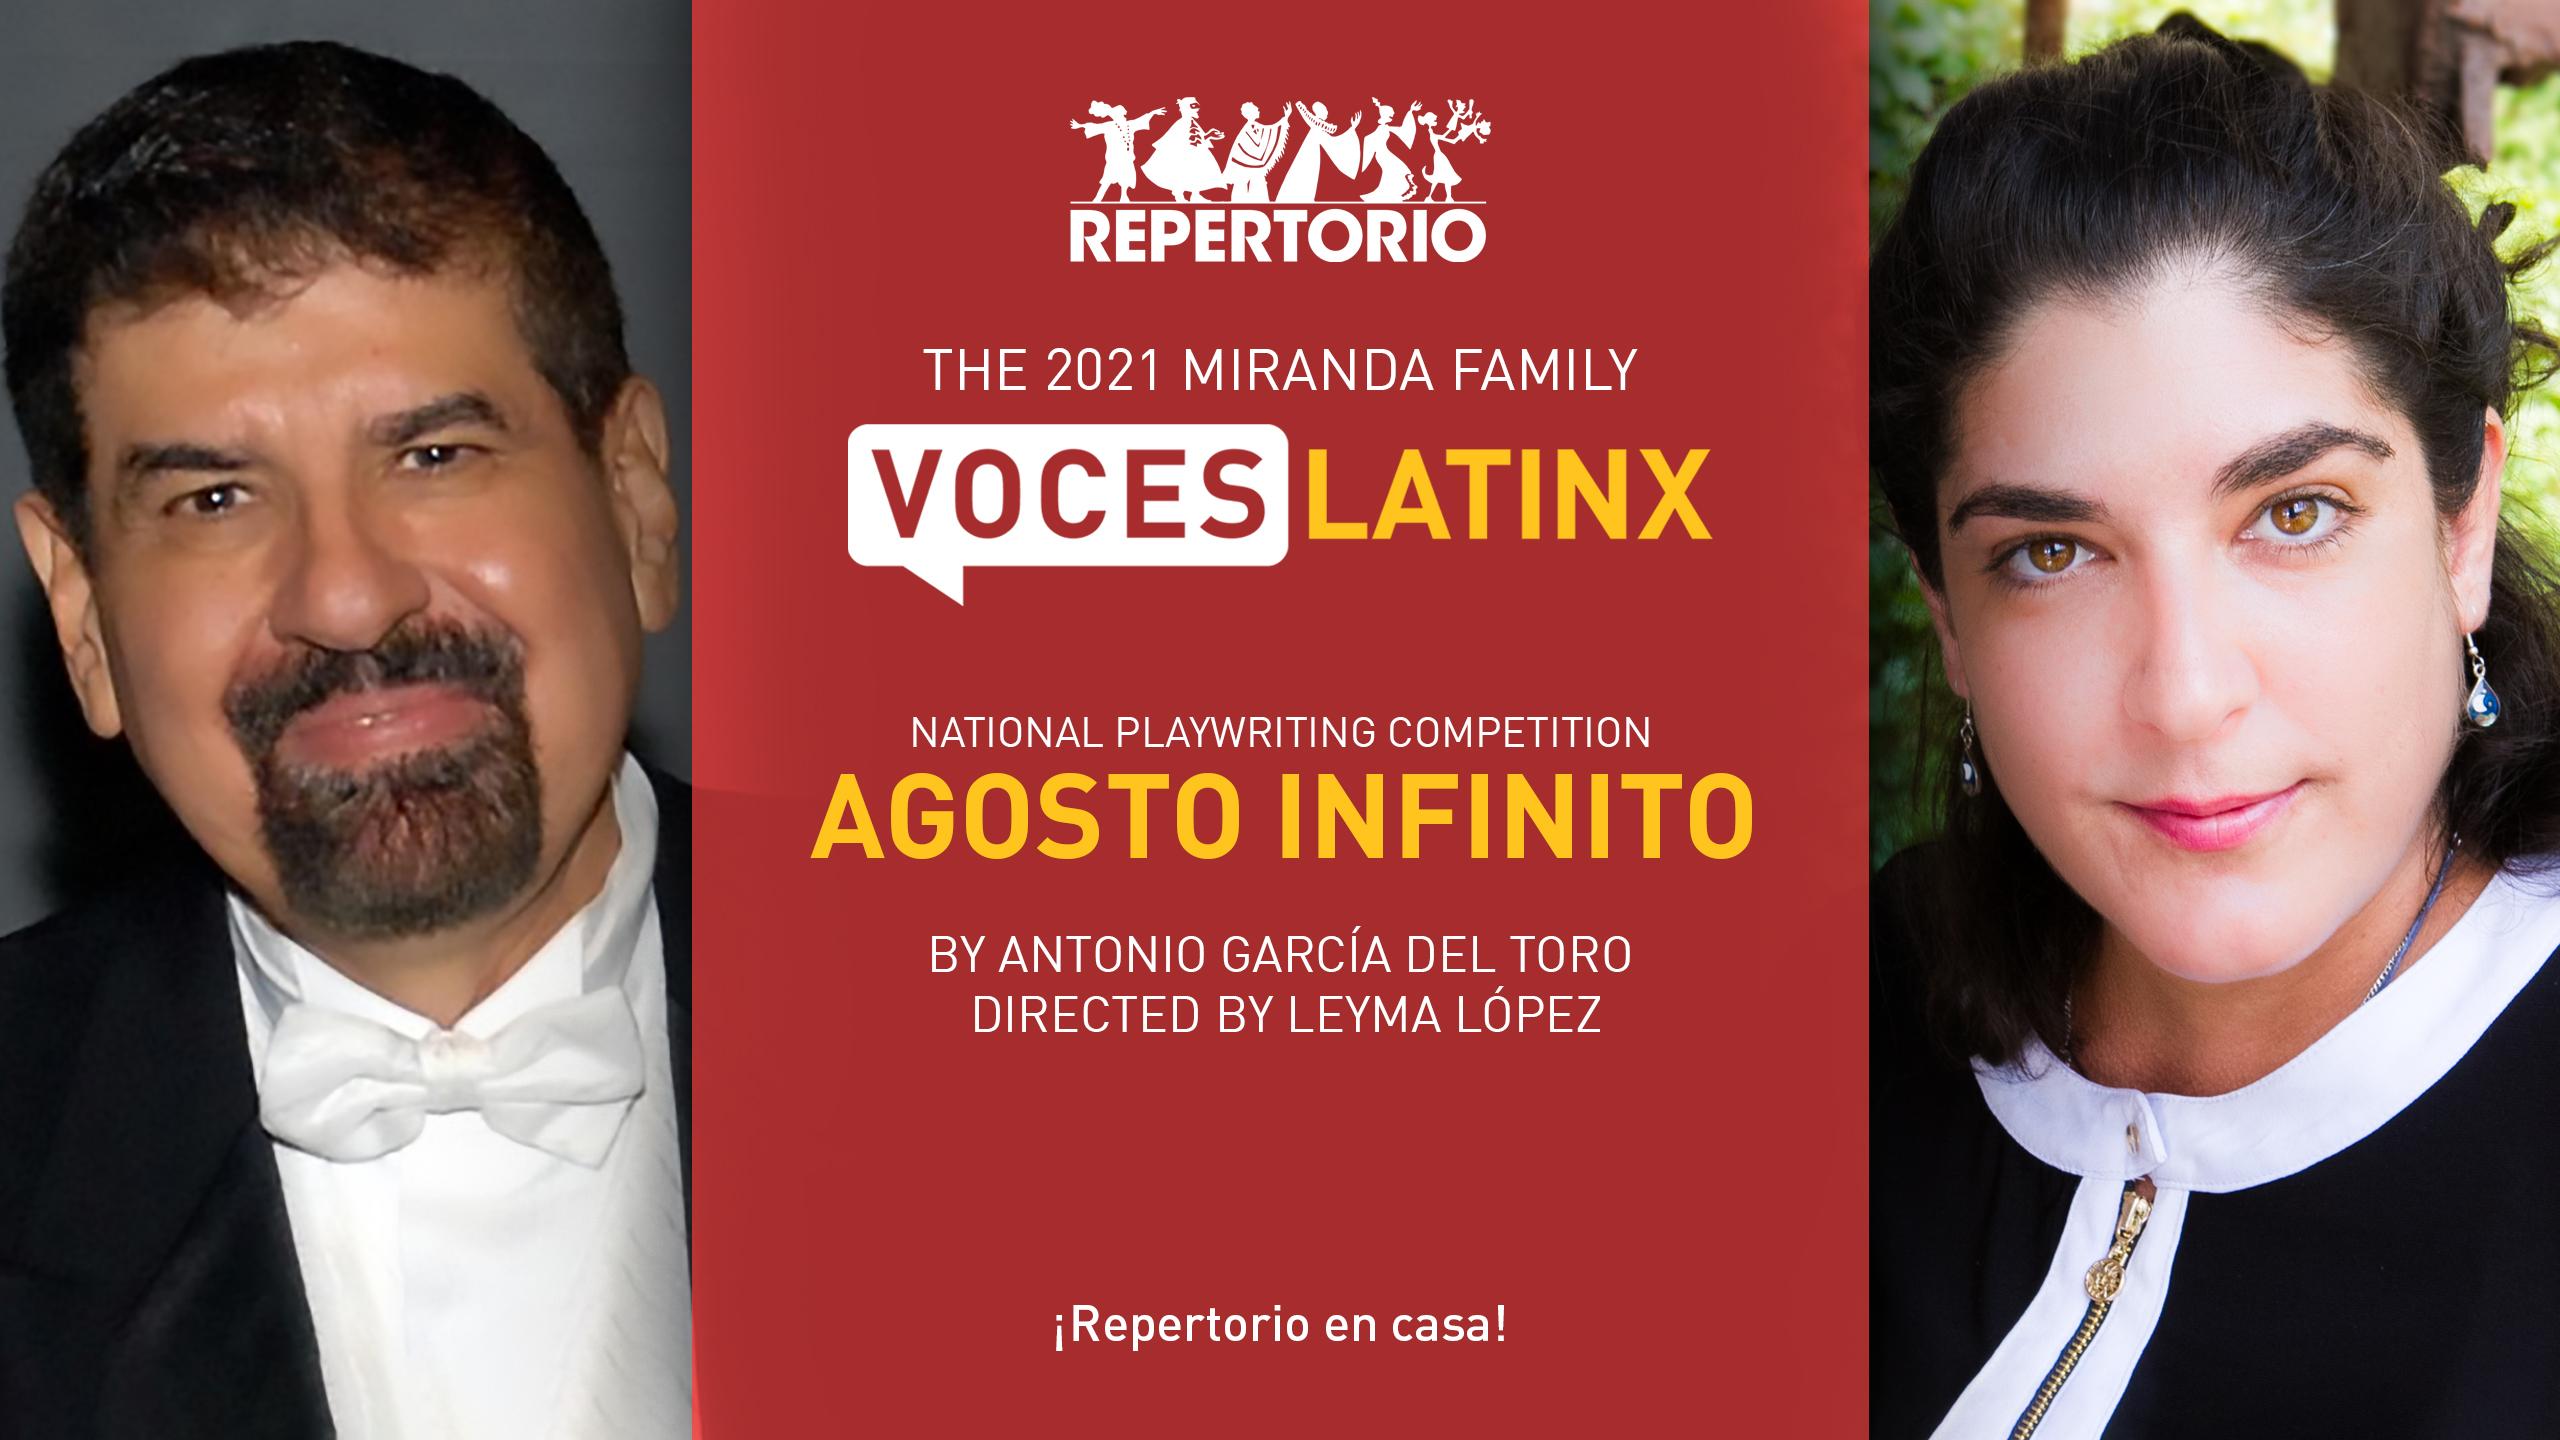 VOCES_LATINX_2021_Agosto_Infinito